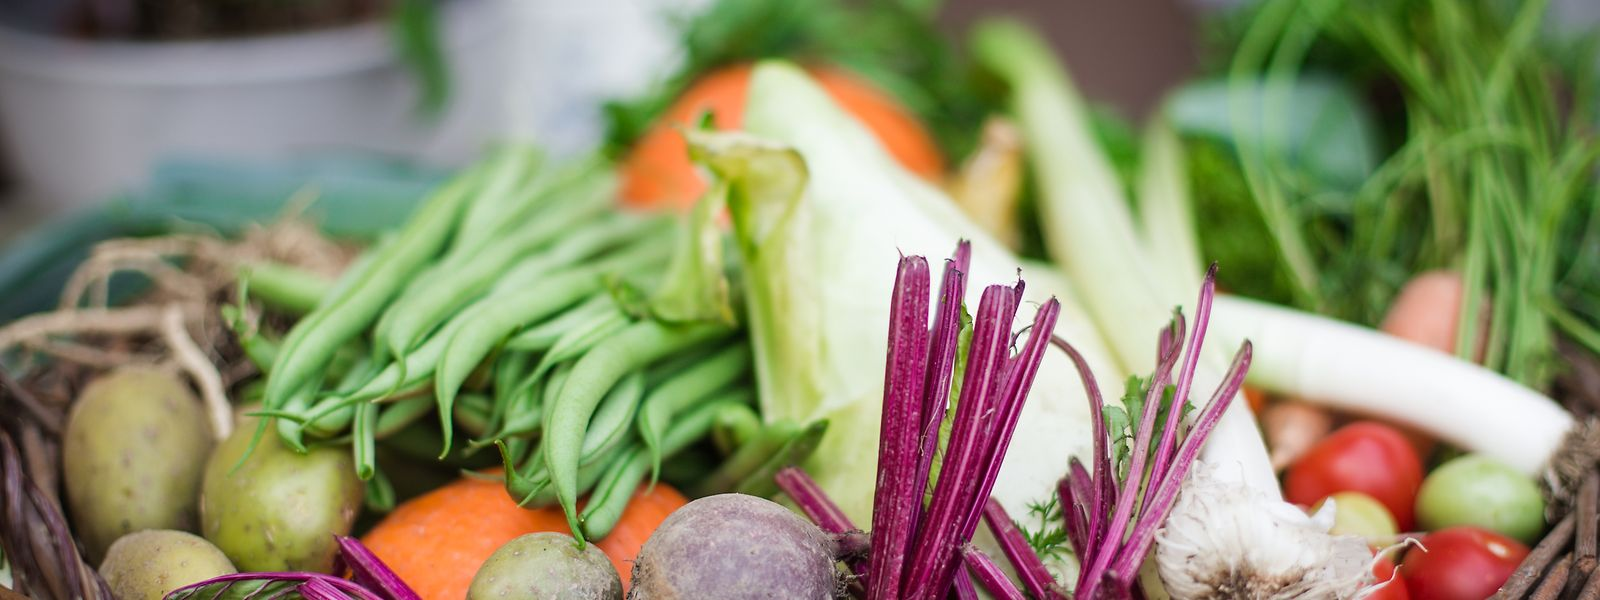 Viele verschiedene Sorten an Gemüse säht und pflanzt das Paar.